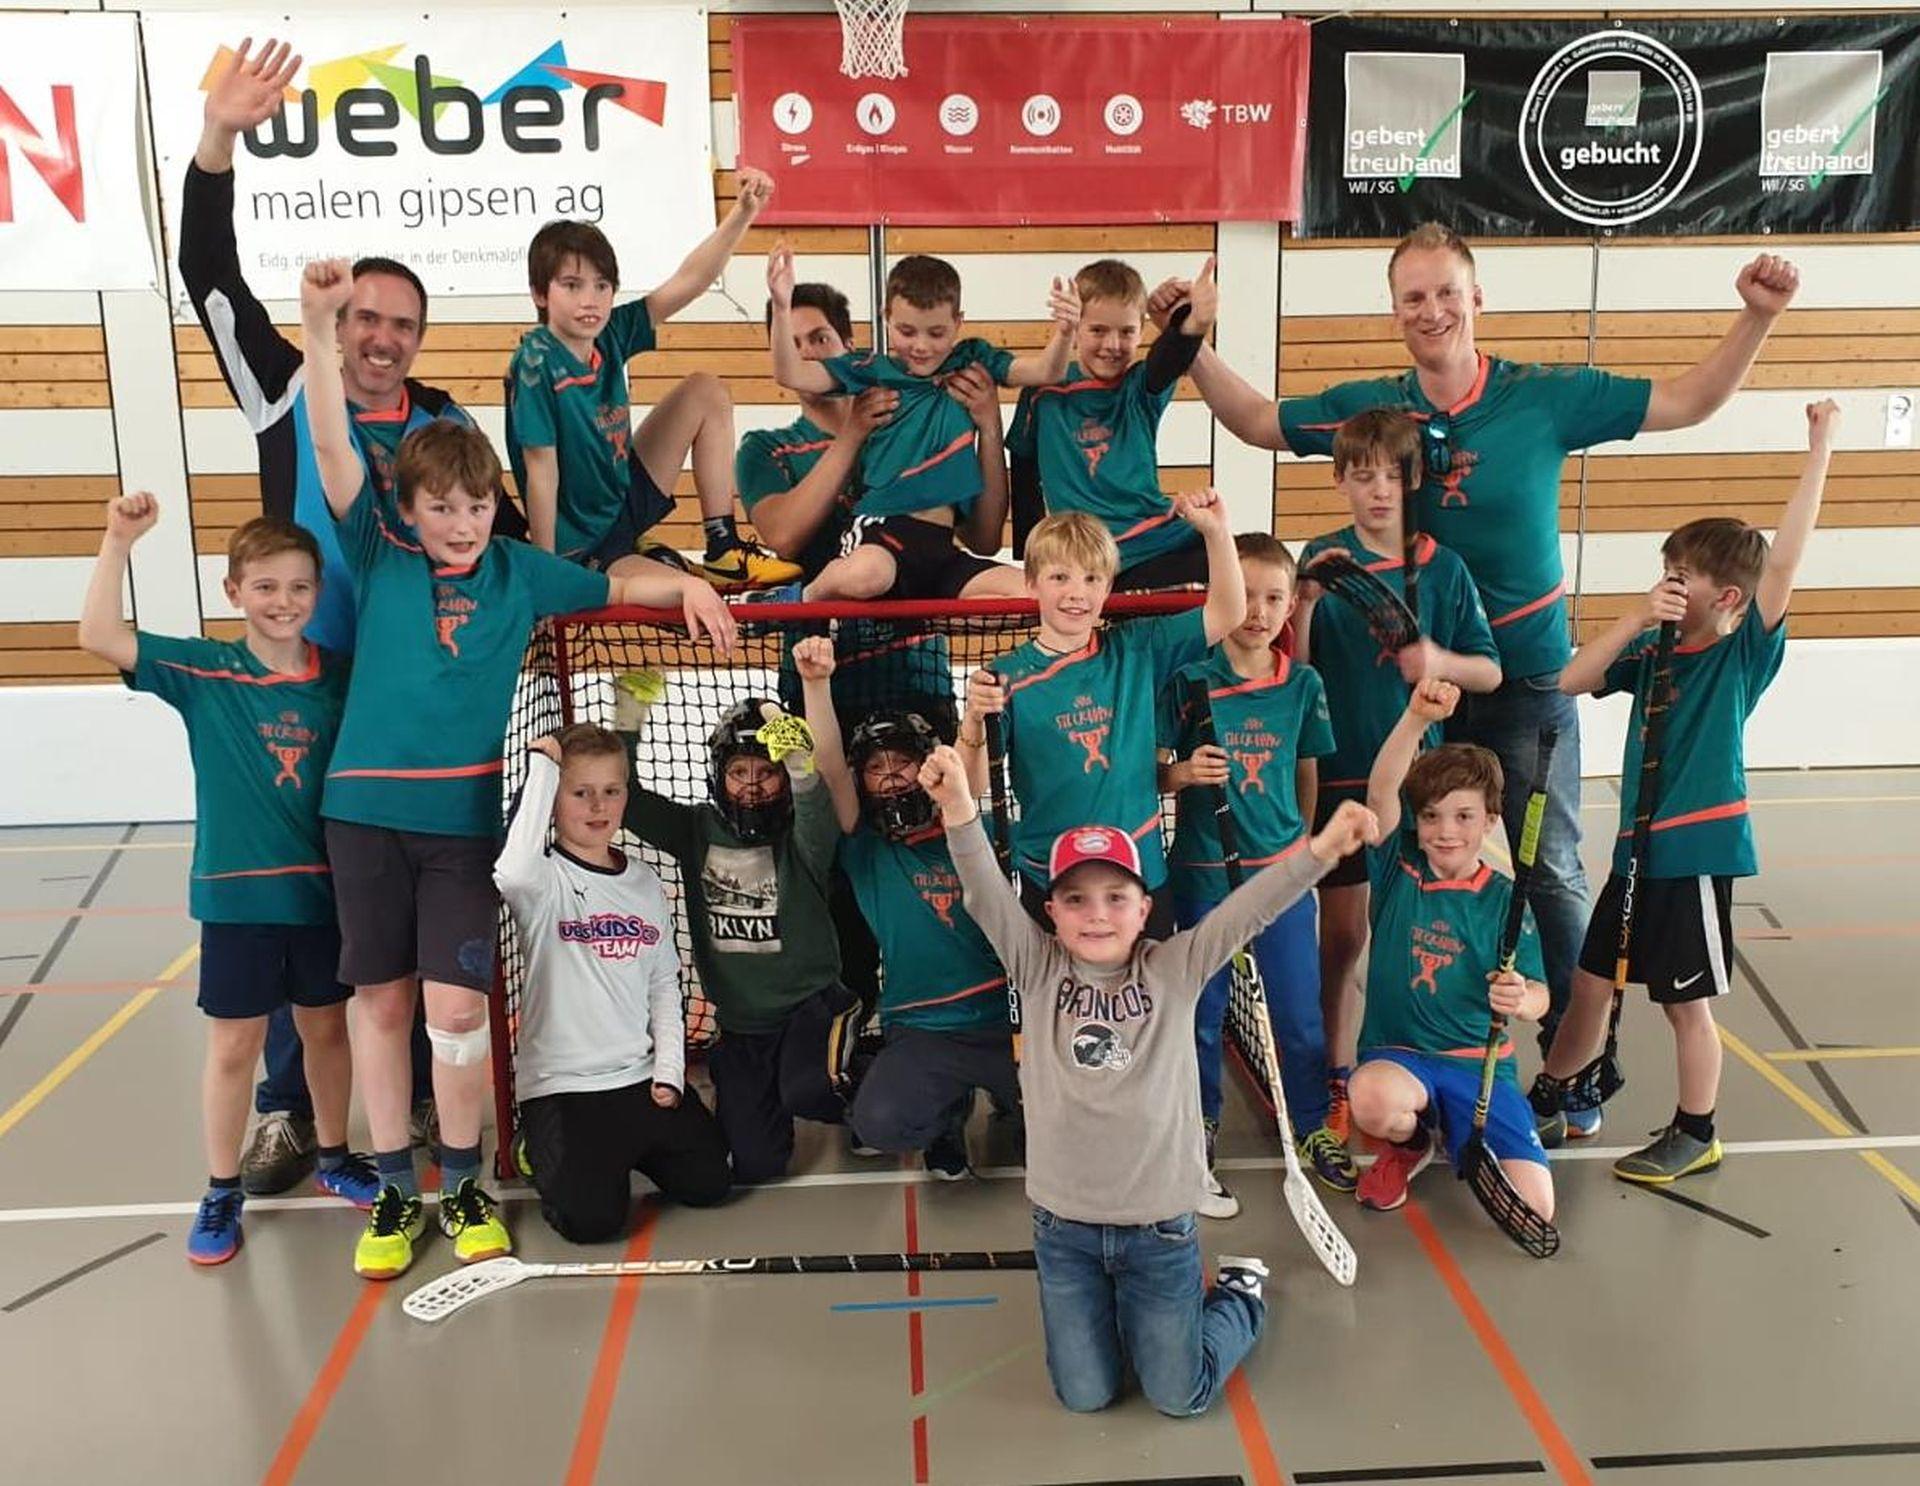 Zwei Podestplätze für Jugi Steckborn am Unihockeyturnier in Wil